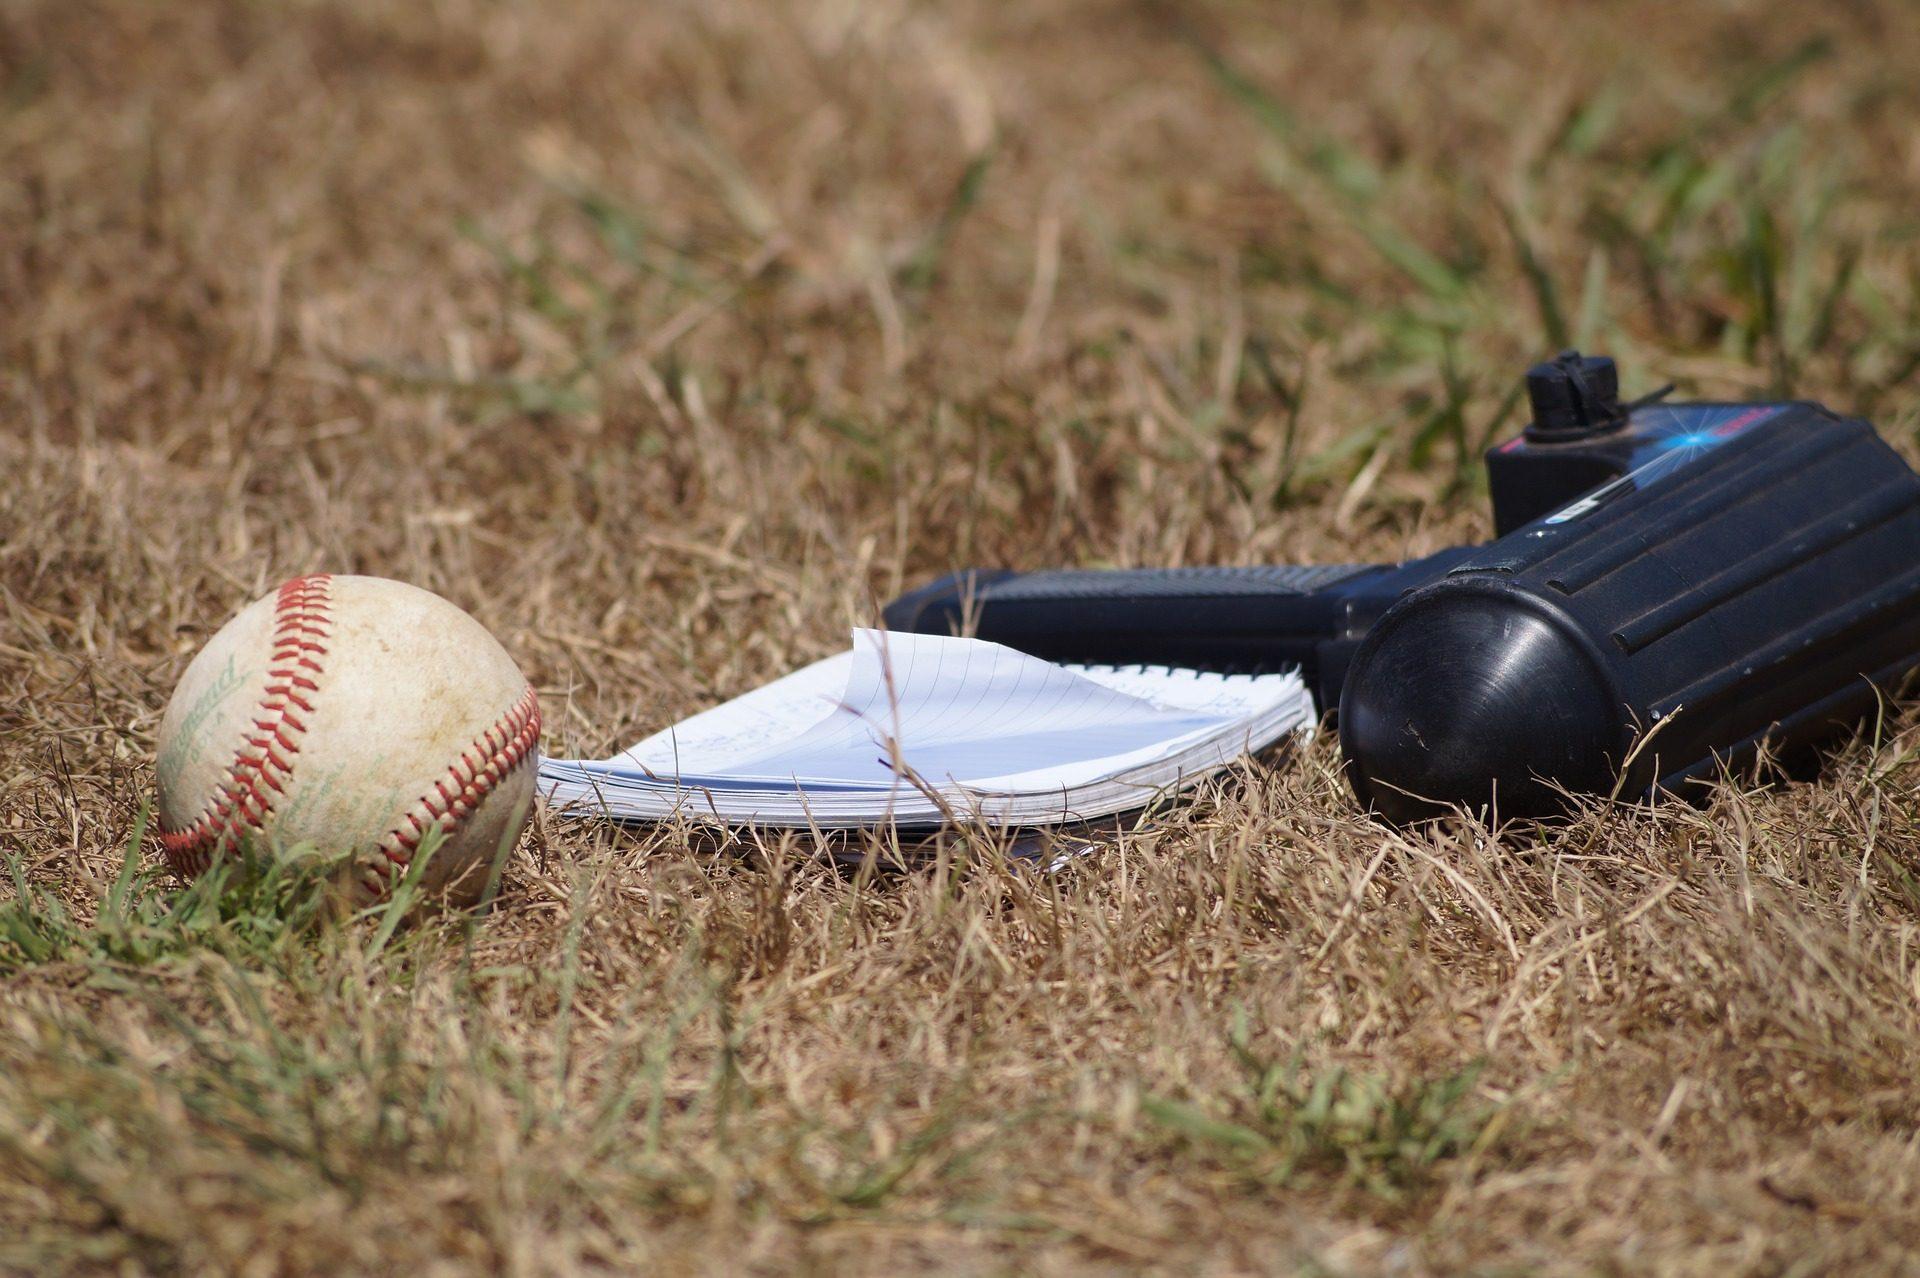 pelota, béisbol, detector, libreta, apuntes, hierba, seca - Fondos de Pantalla HD - professor-falken.com